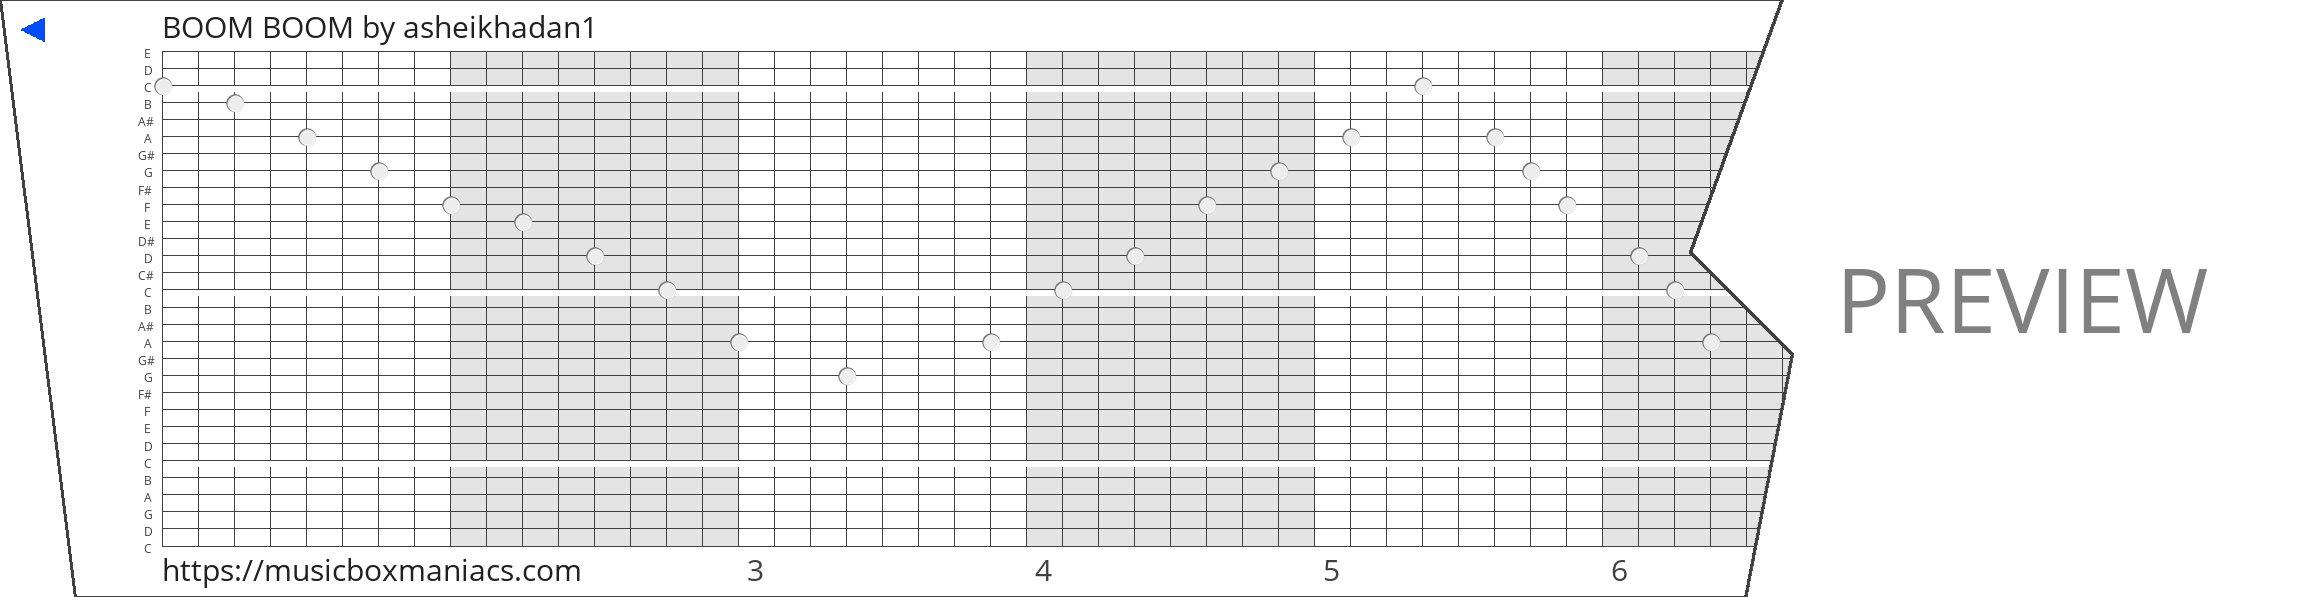 BOOM BOOM 30 note music box paper strip